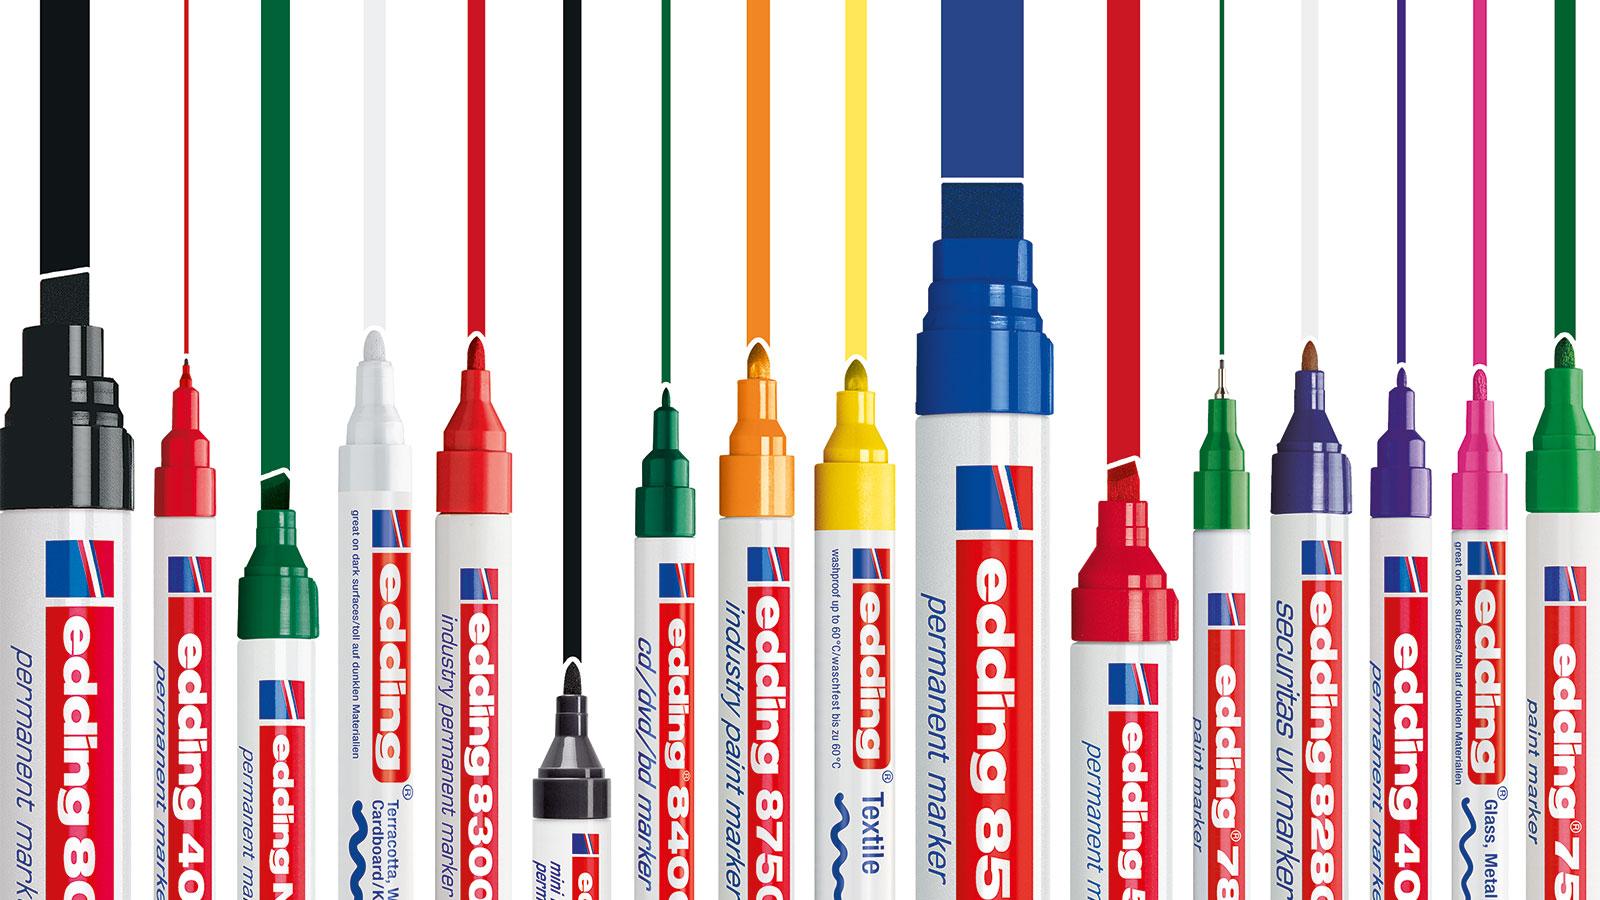 Beschriftung Dünne Rundspitze Edding 4-370001 370 Industry Permanent Marker